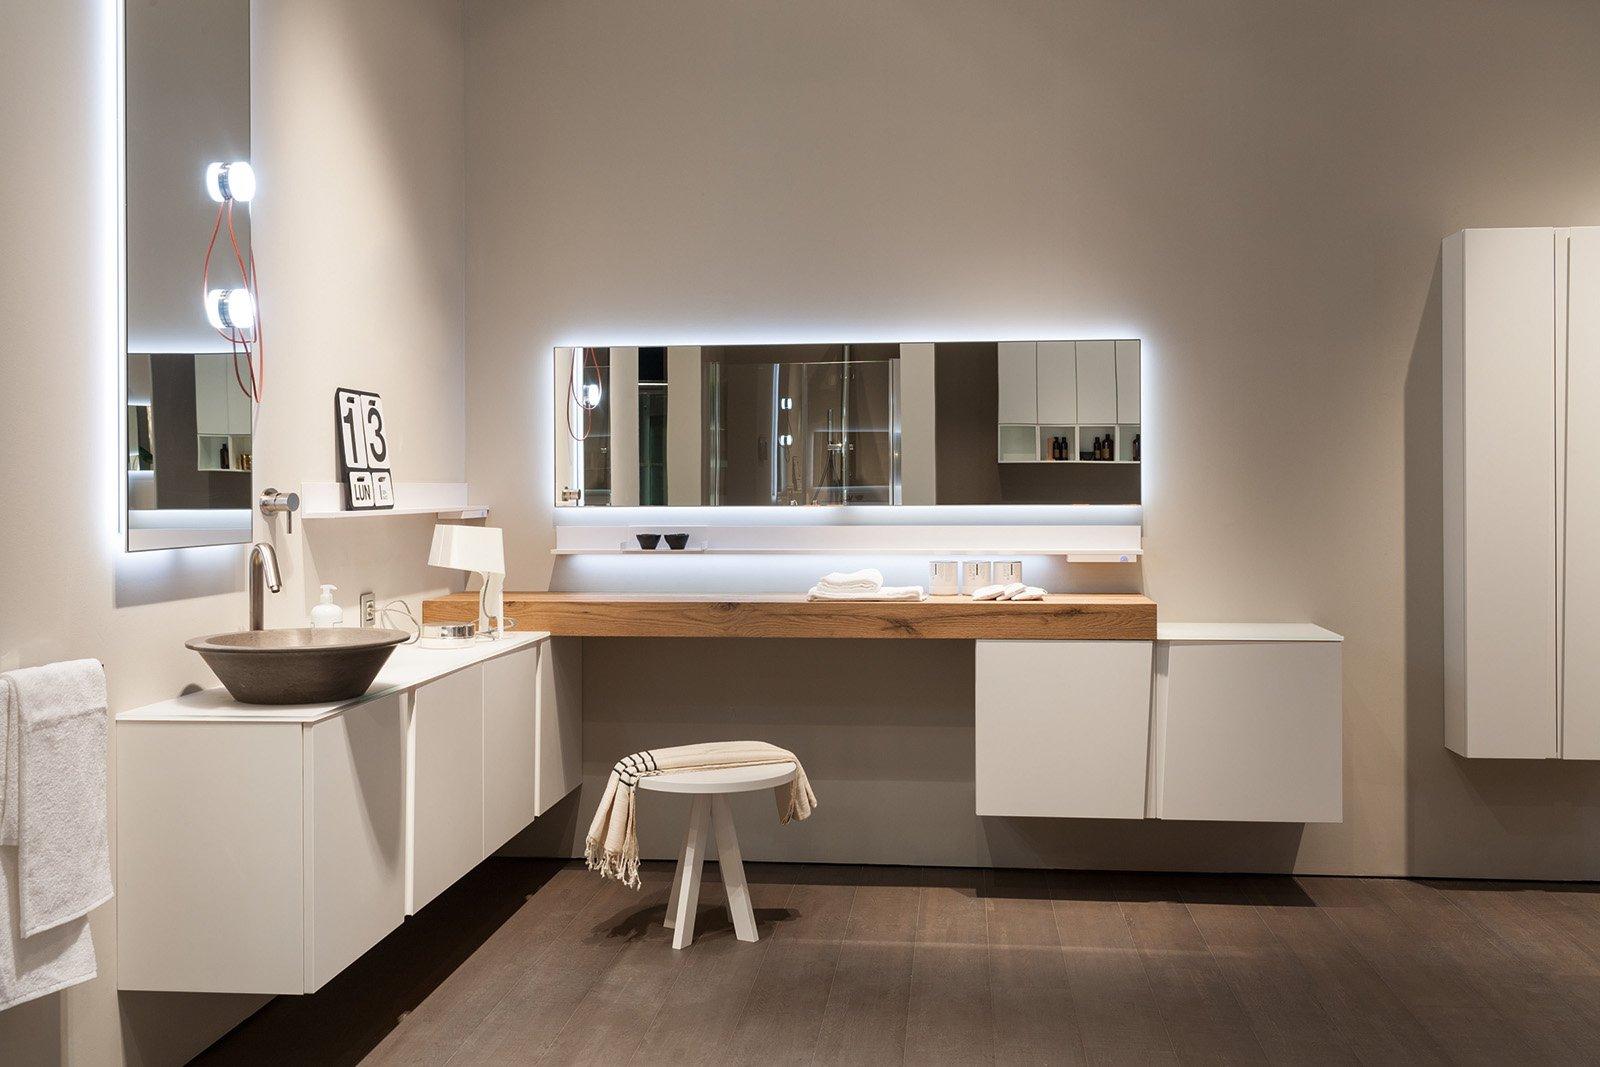 Lampadari a soffitto bagno rose - Lampade per il bagno allo specchio ...